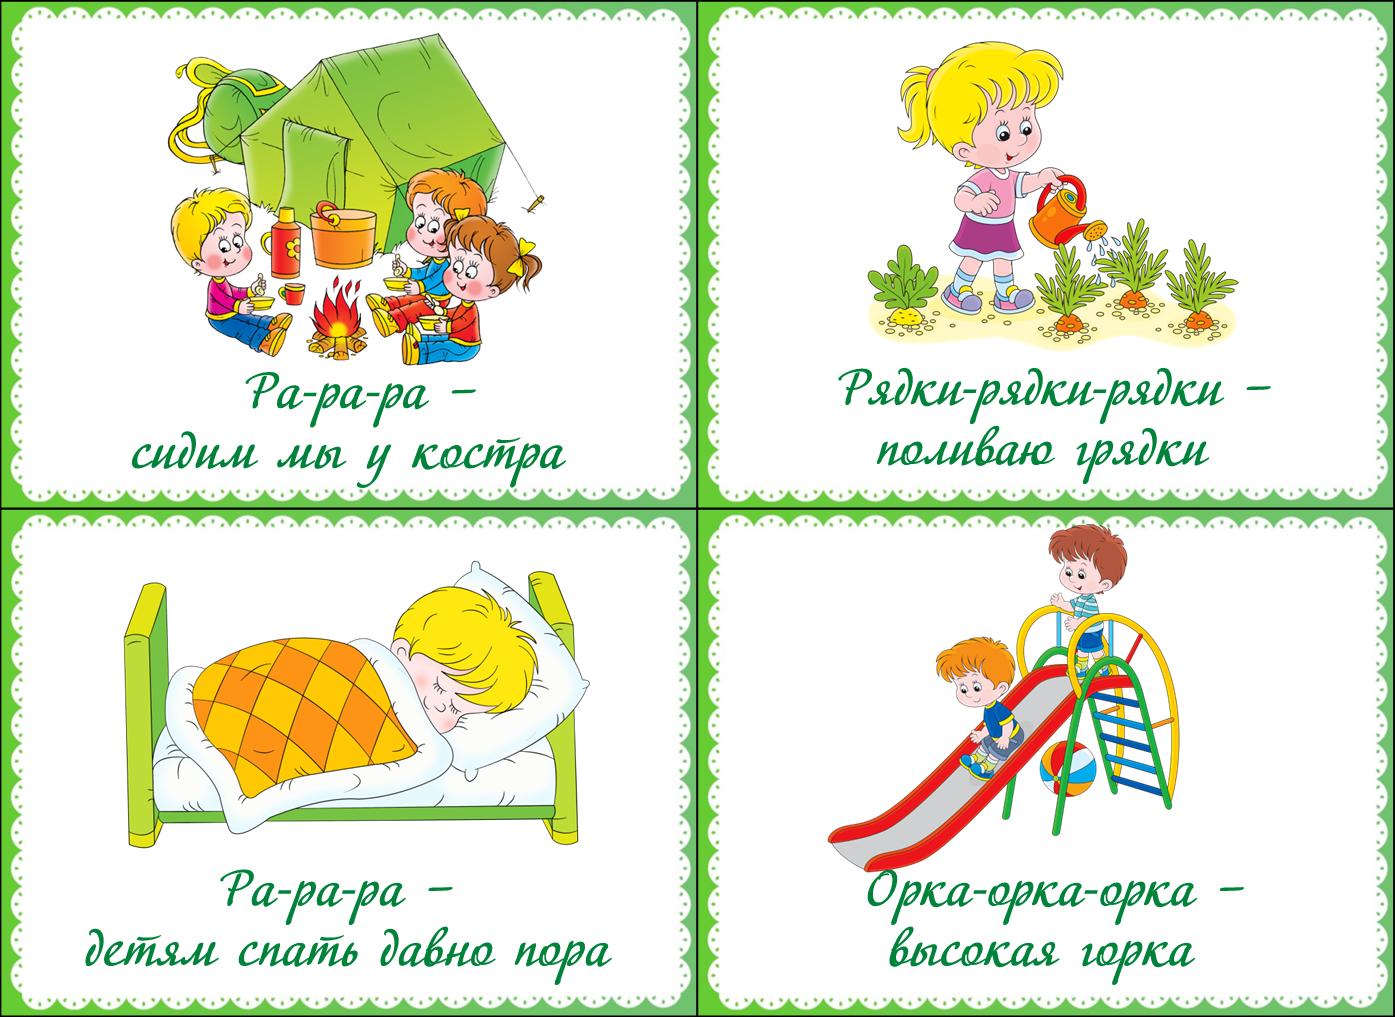 Скороговорки для развития речи и дикции у детей от 3 до 7 лет, чистоговорки